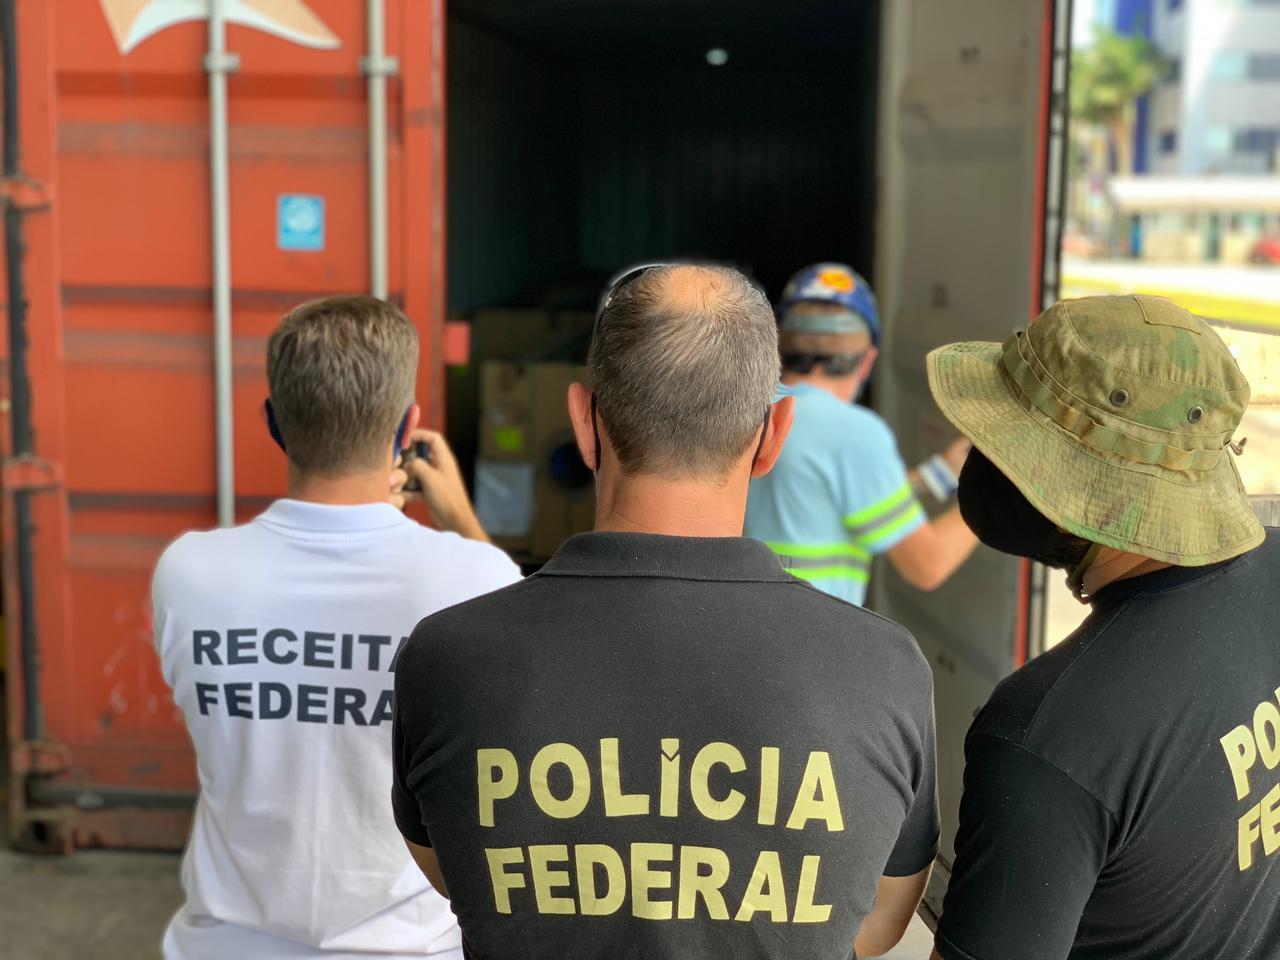 Polícia Federal, Receita Federal e IBAMA fiscalizam contêineres no Porto de Paranaguá